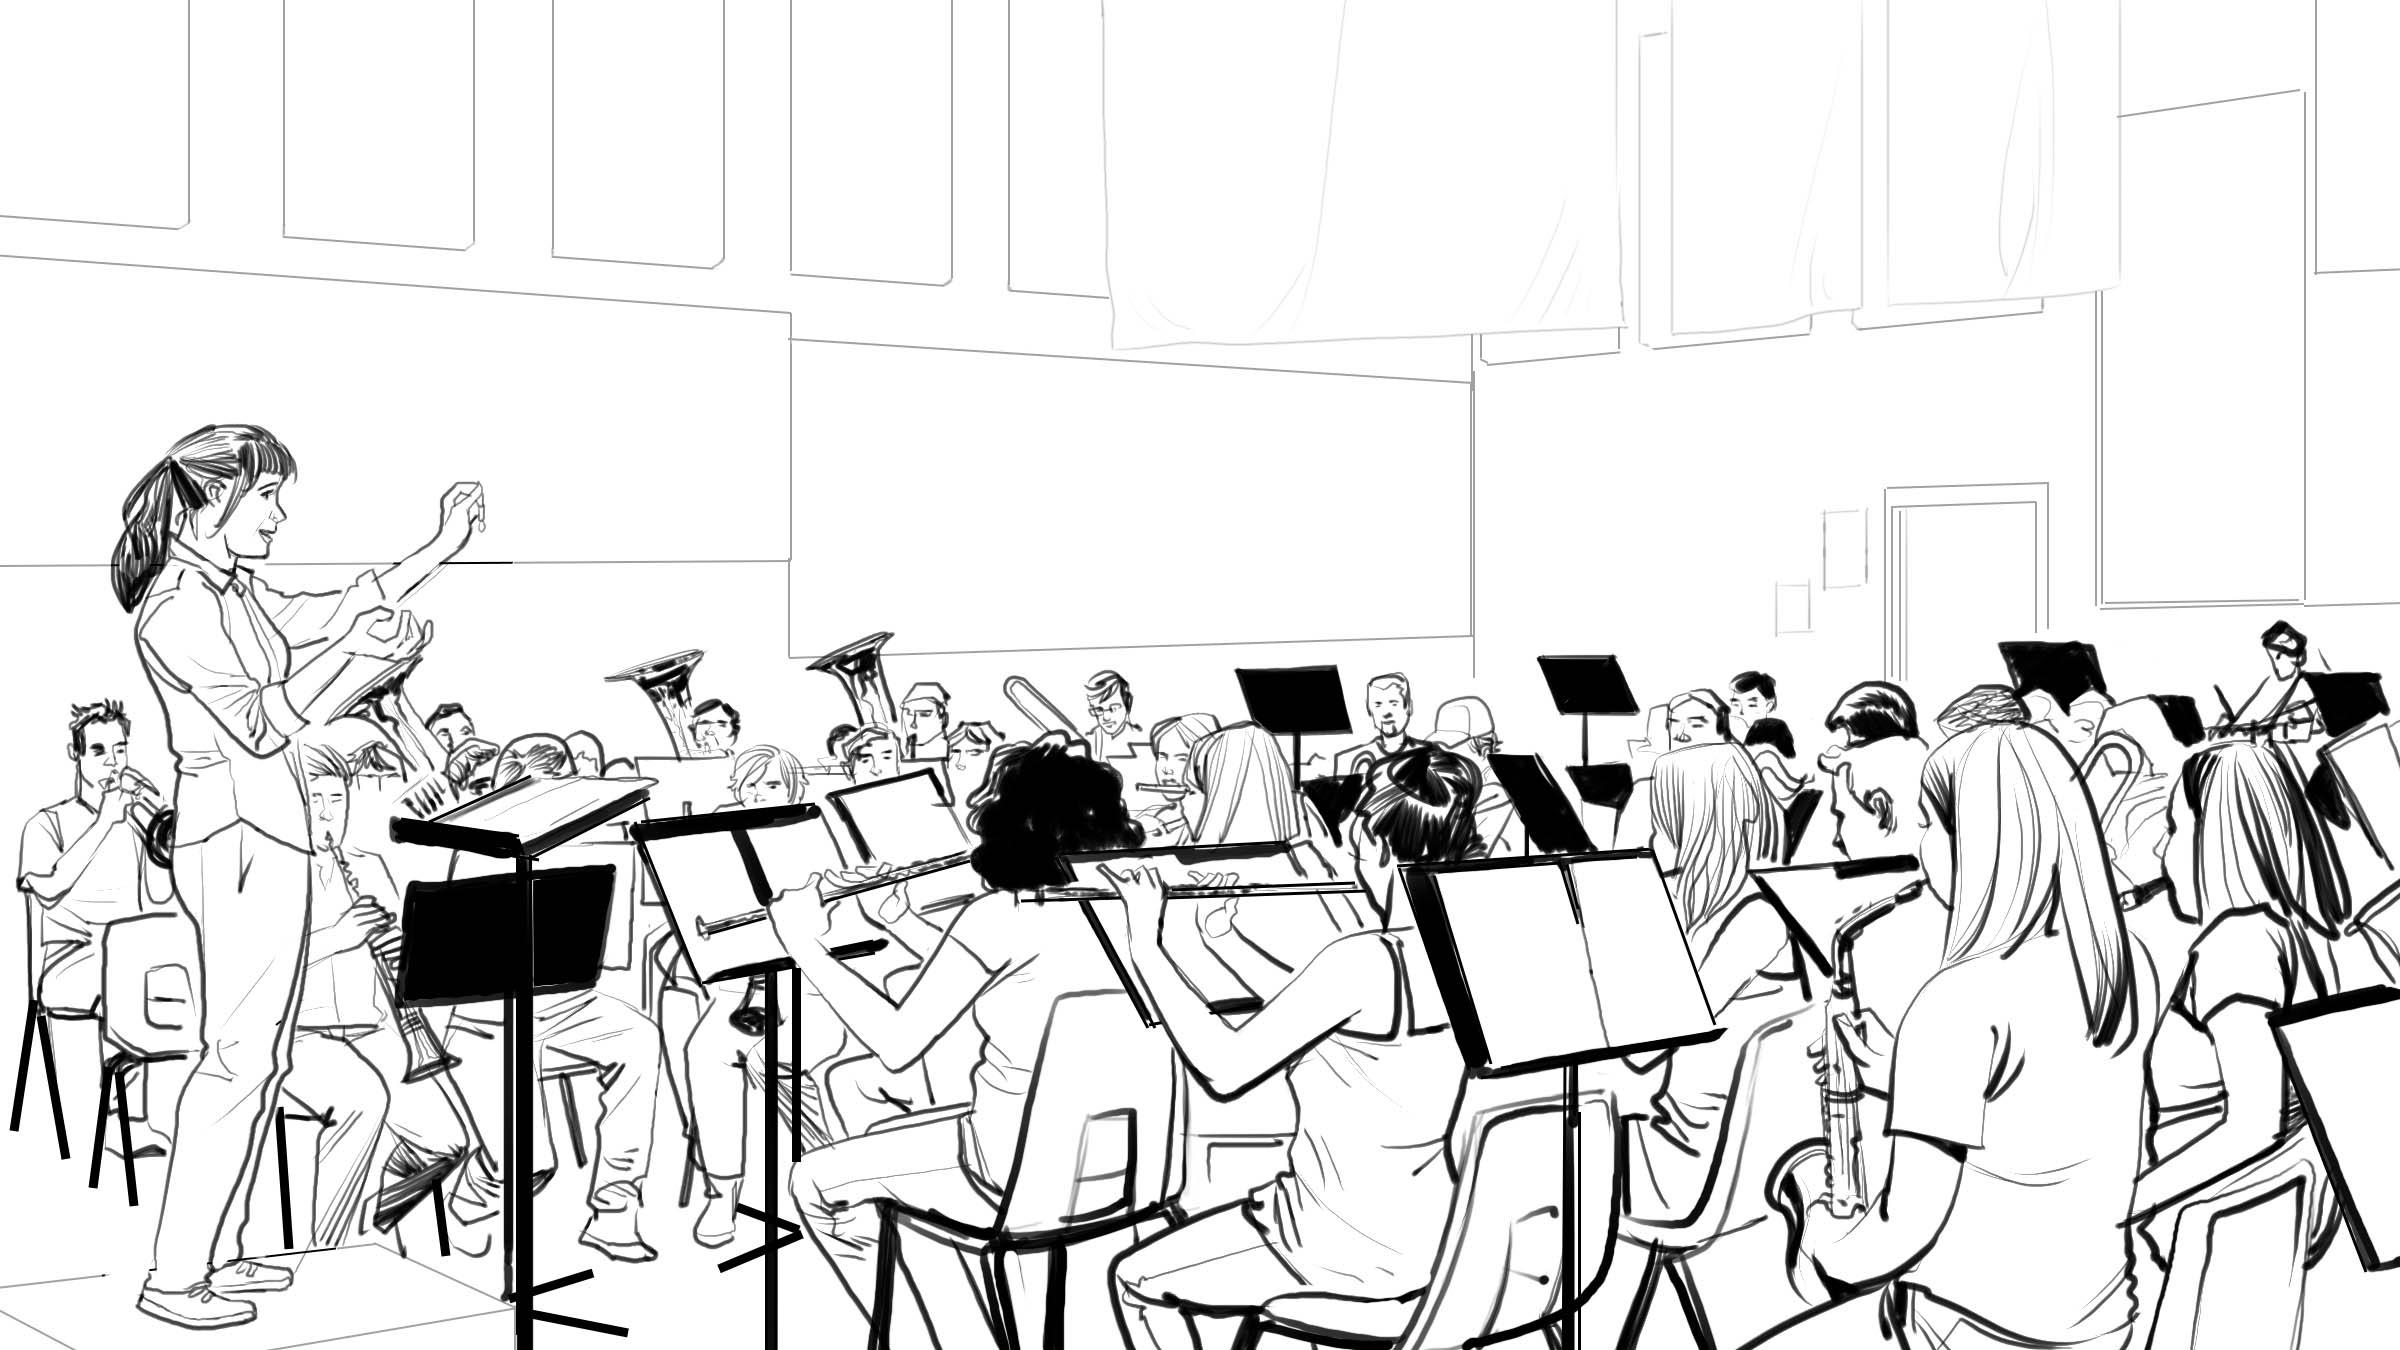 musicrush_marchingband_01.jpg